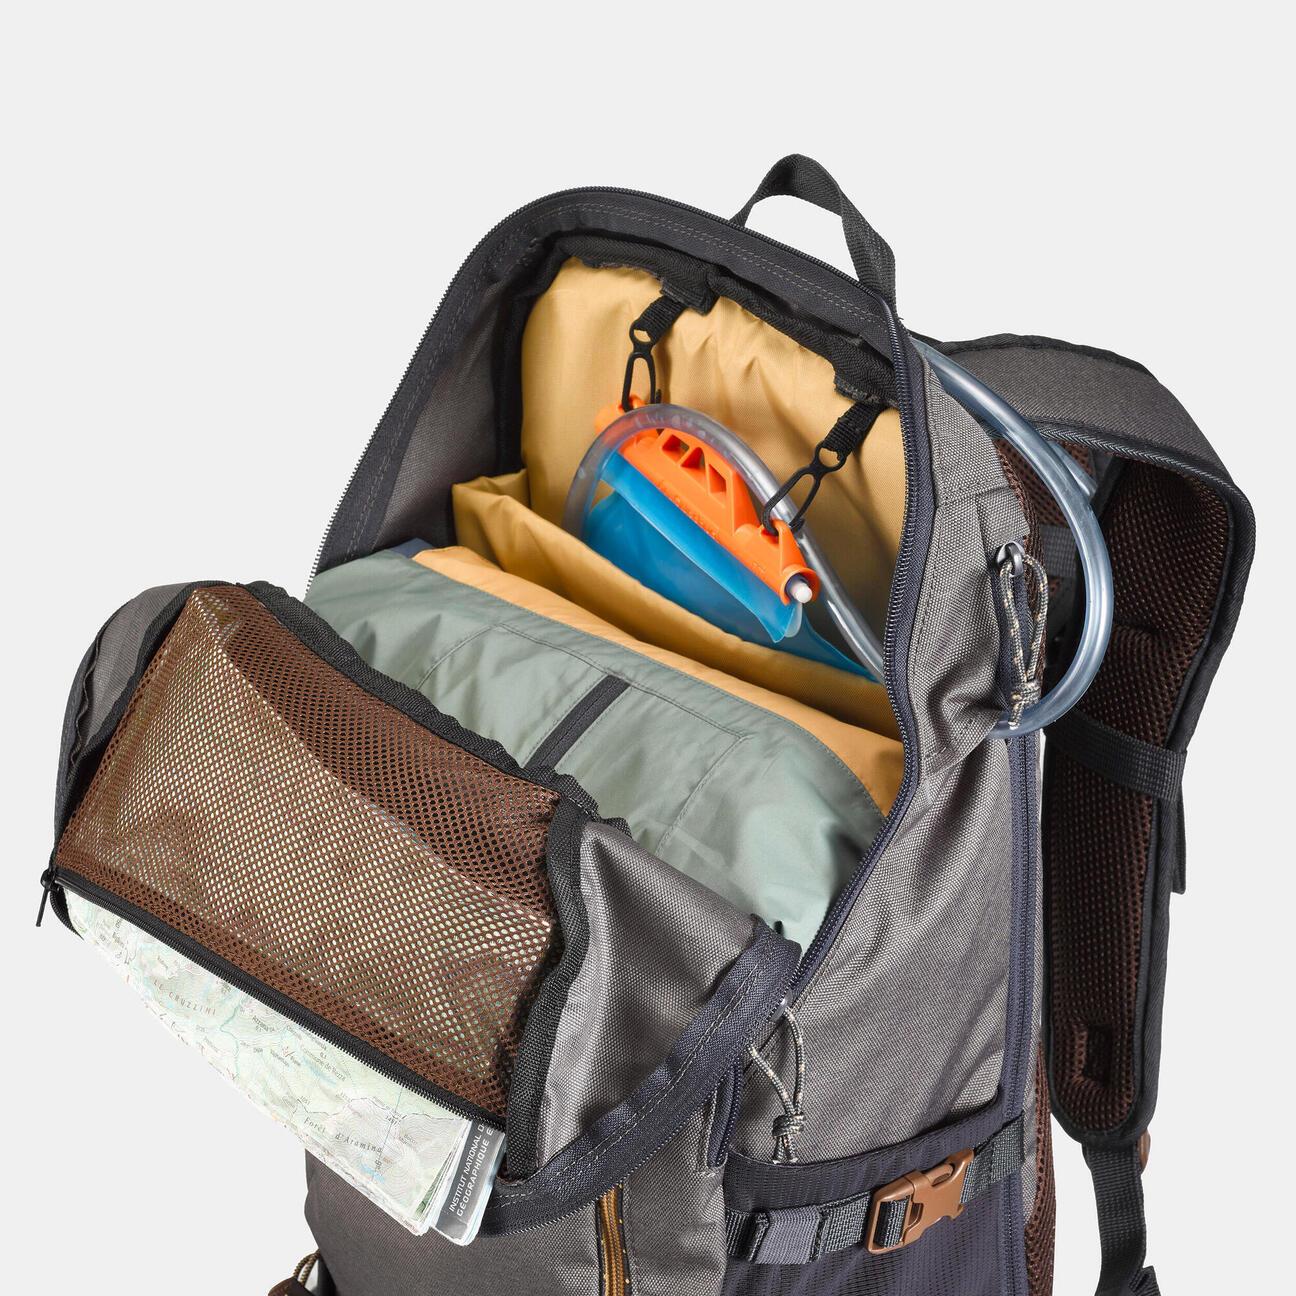 plecak-turystyczny-nh500-20-l